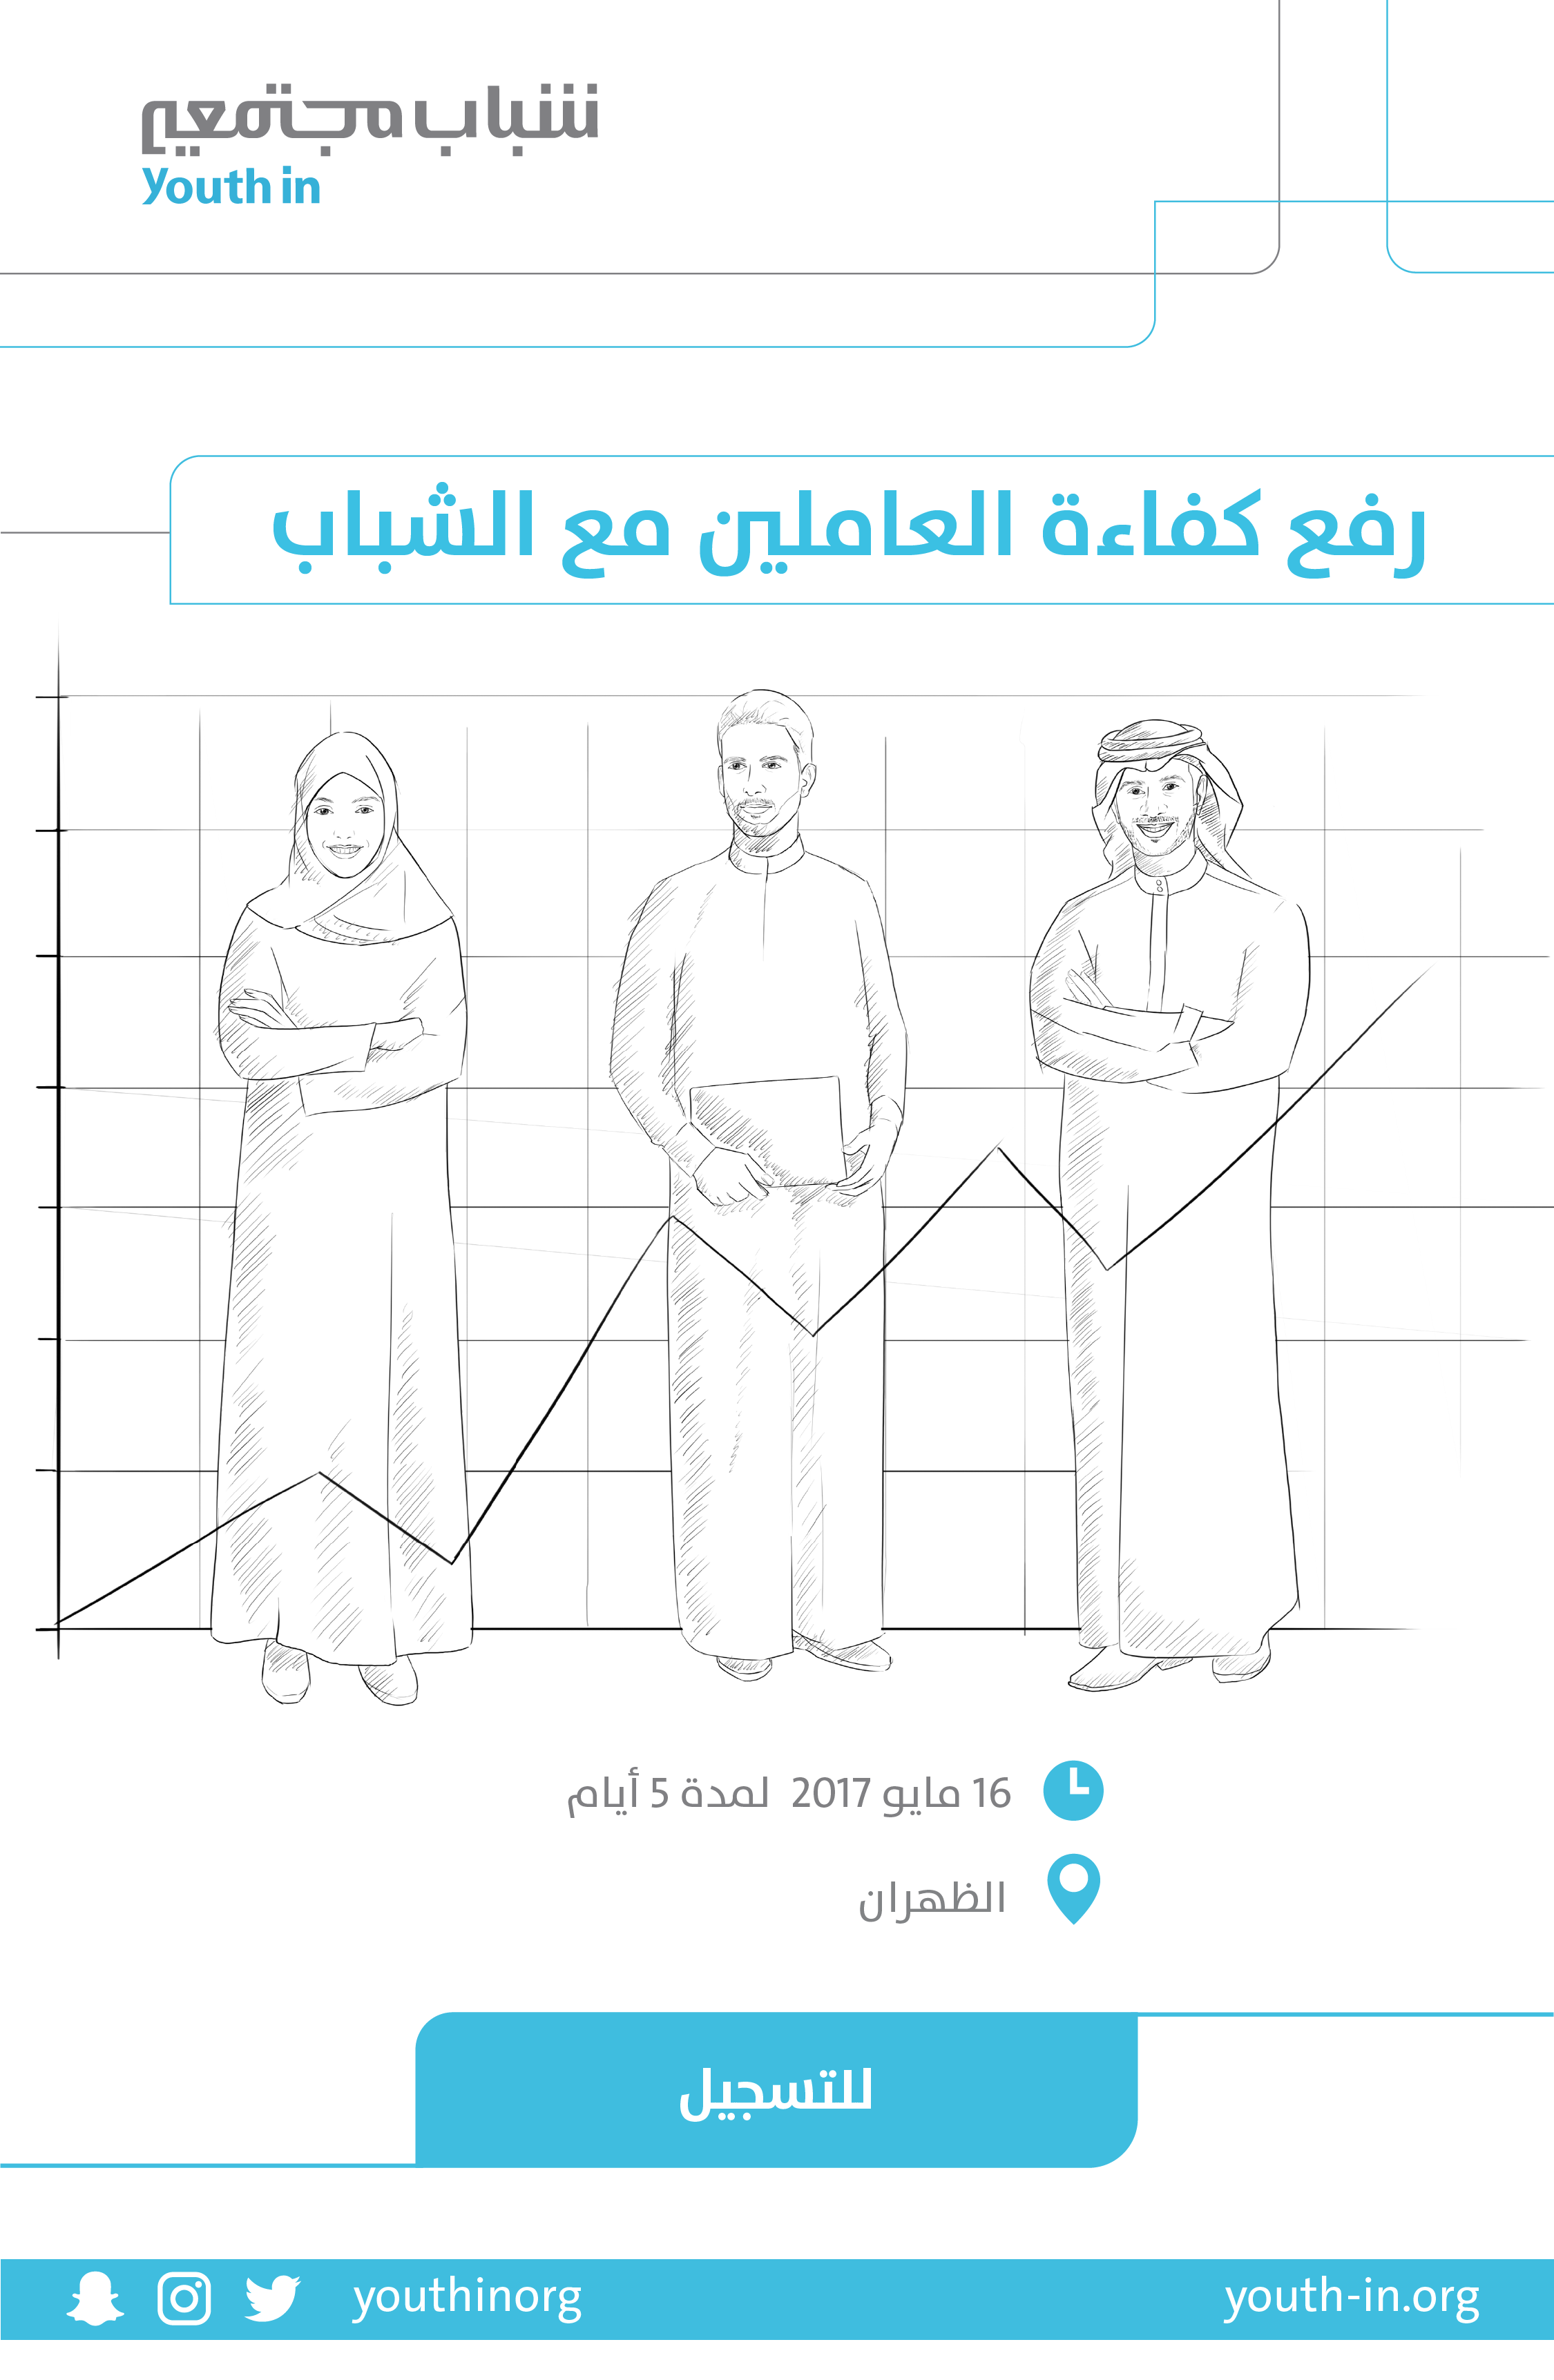 برنامج رفع كفاءة العاملين مع الشباب